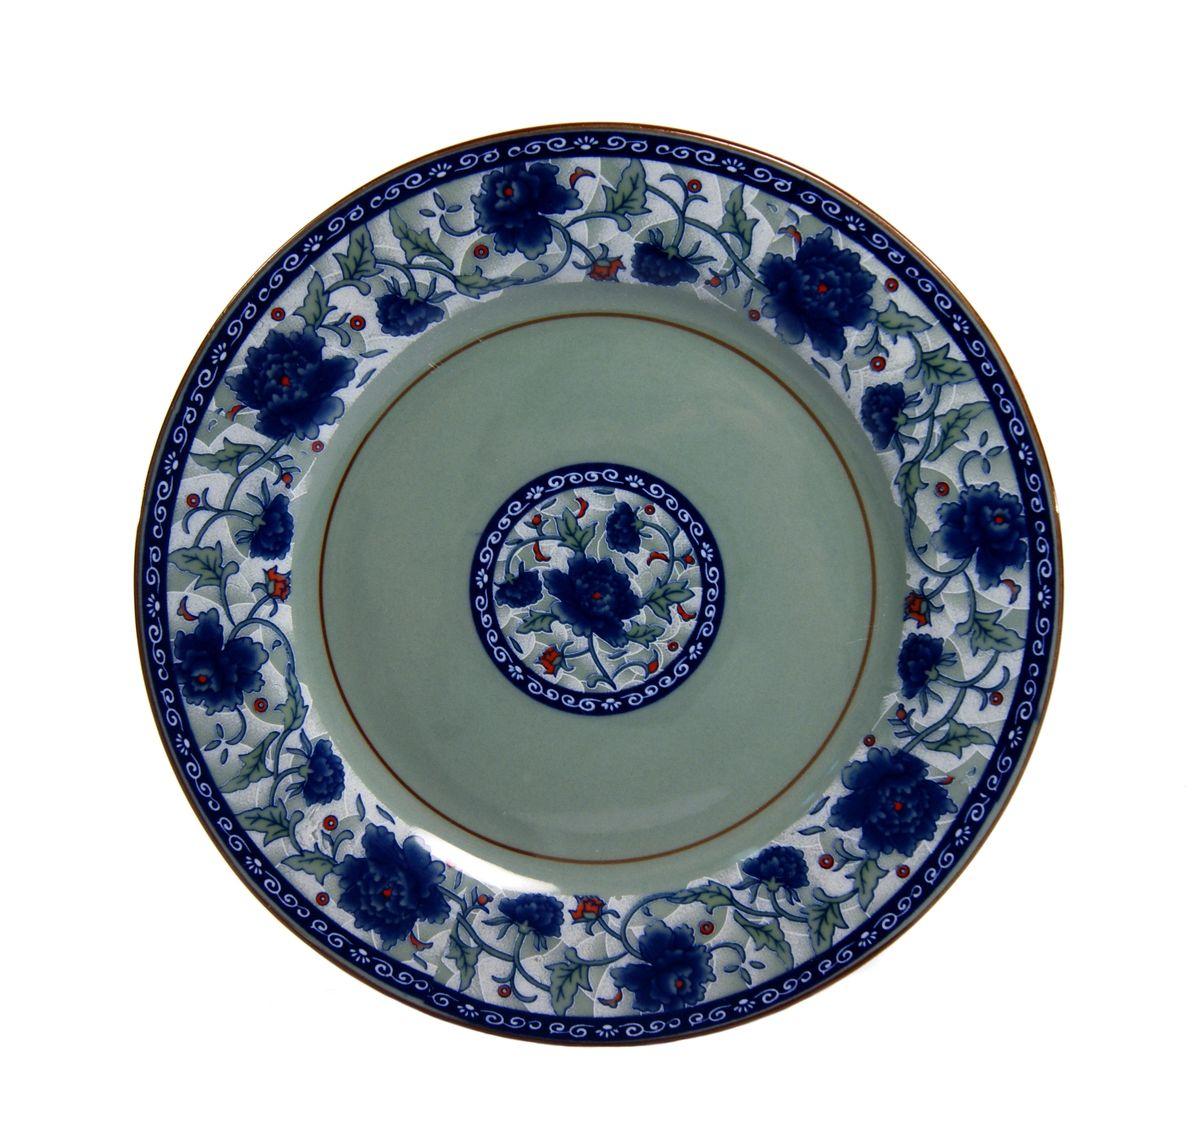 Тарелка Nanshan Porcelain Харбин, диаметр 18 см115510Тарелка Nanshan Porcelain Харбин изготовлена из высококачественной керамики. Предназначена для красивой подачи различных блюд. Изделие украшено ярким рисунком. Такая тарелка украсит сервировку стола и подчеркнет прекрасный вкус хозяйки.Можно мыть в посудомоечной машине и использовать в микроволновой печи. Диаметр: 18 см.Высота: 2 см.